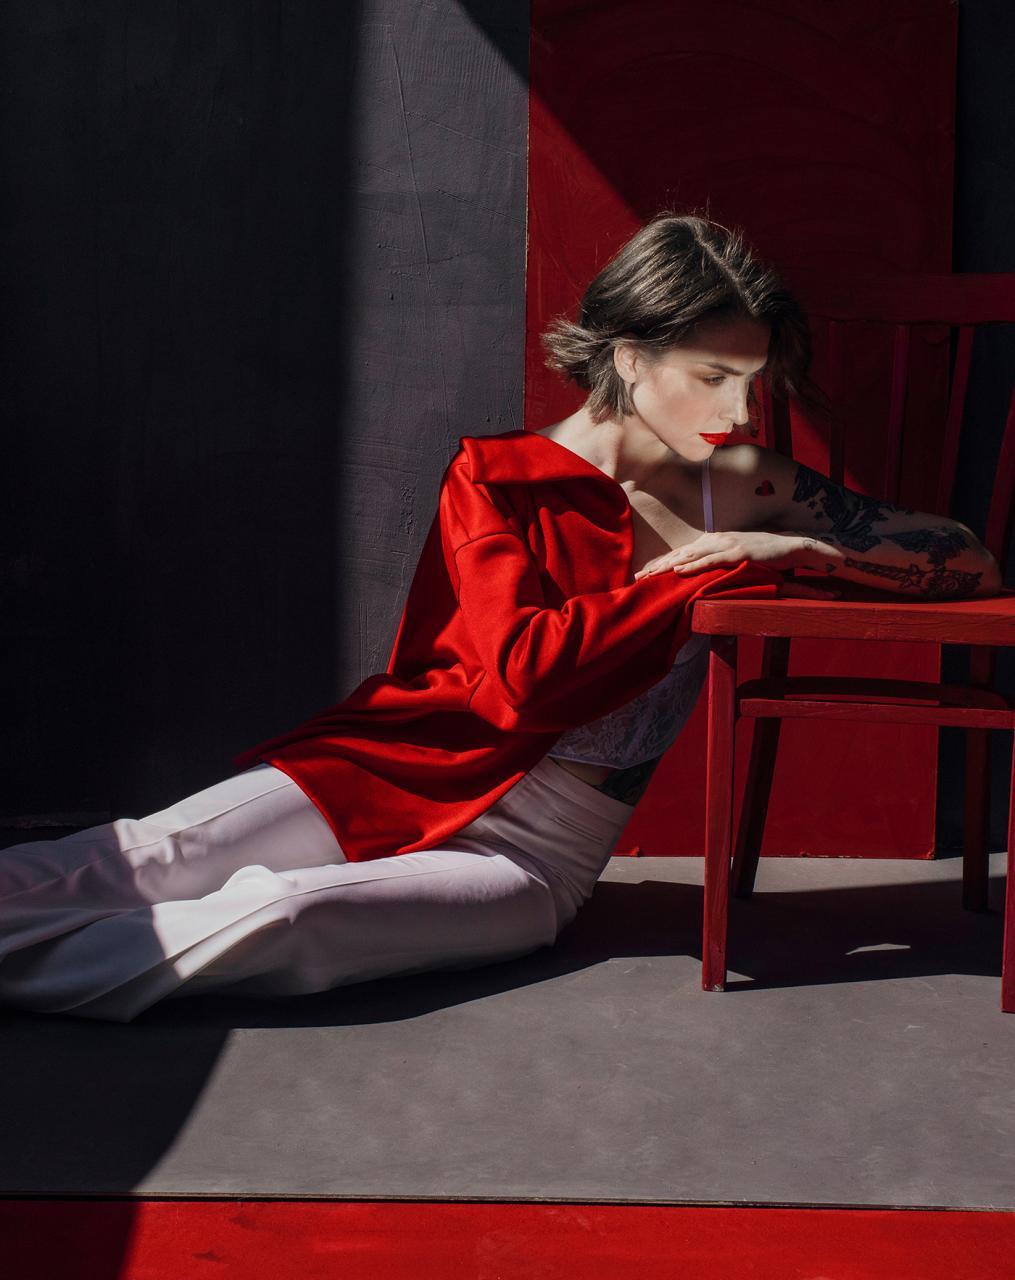 乌克兰摄影是marta syrko 色彩人像作品 for Sasha 时尚图库 第1张